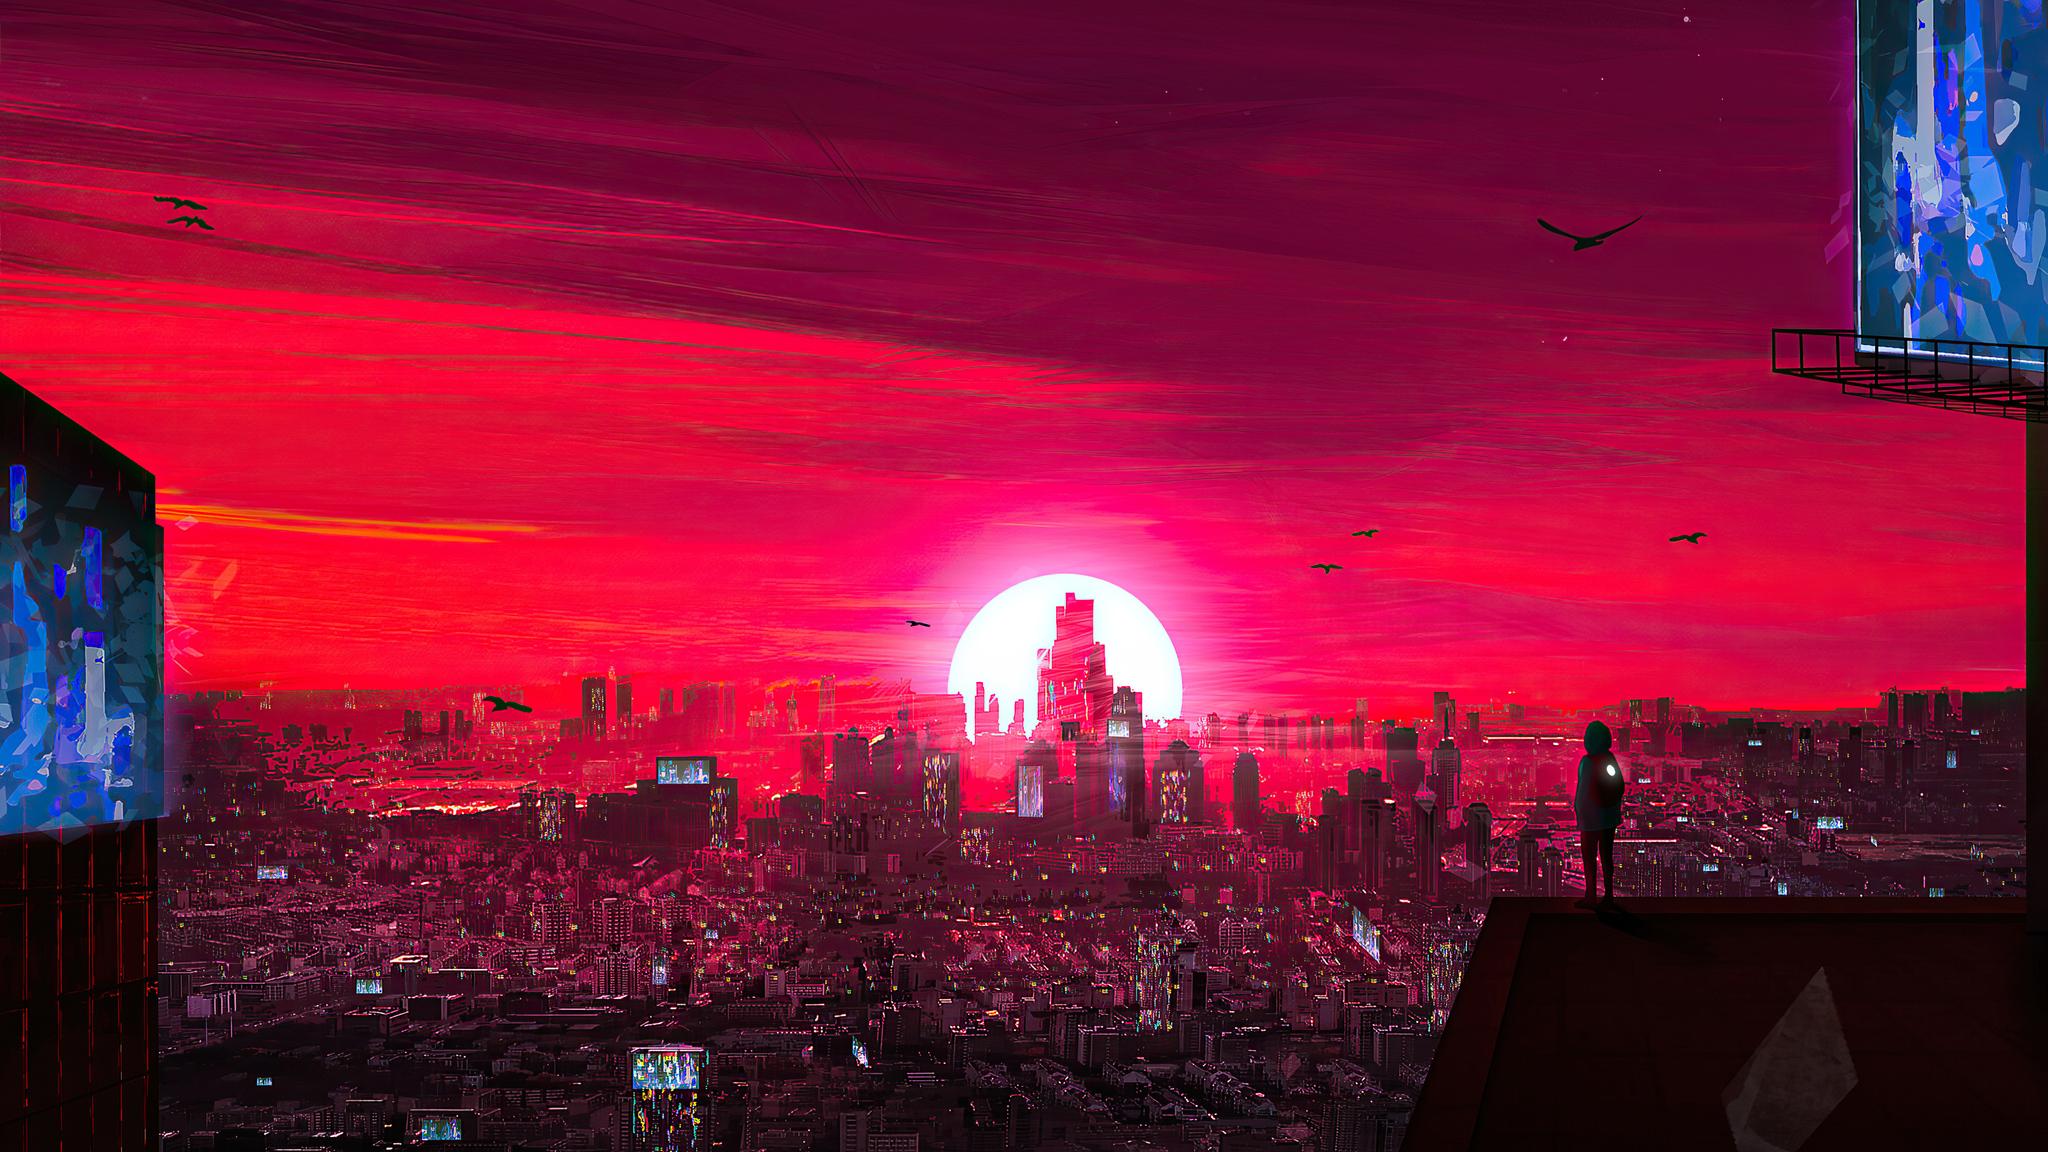 alone-cyberpunk-morning-4k-xi.jpg